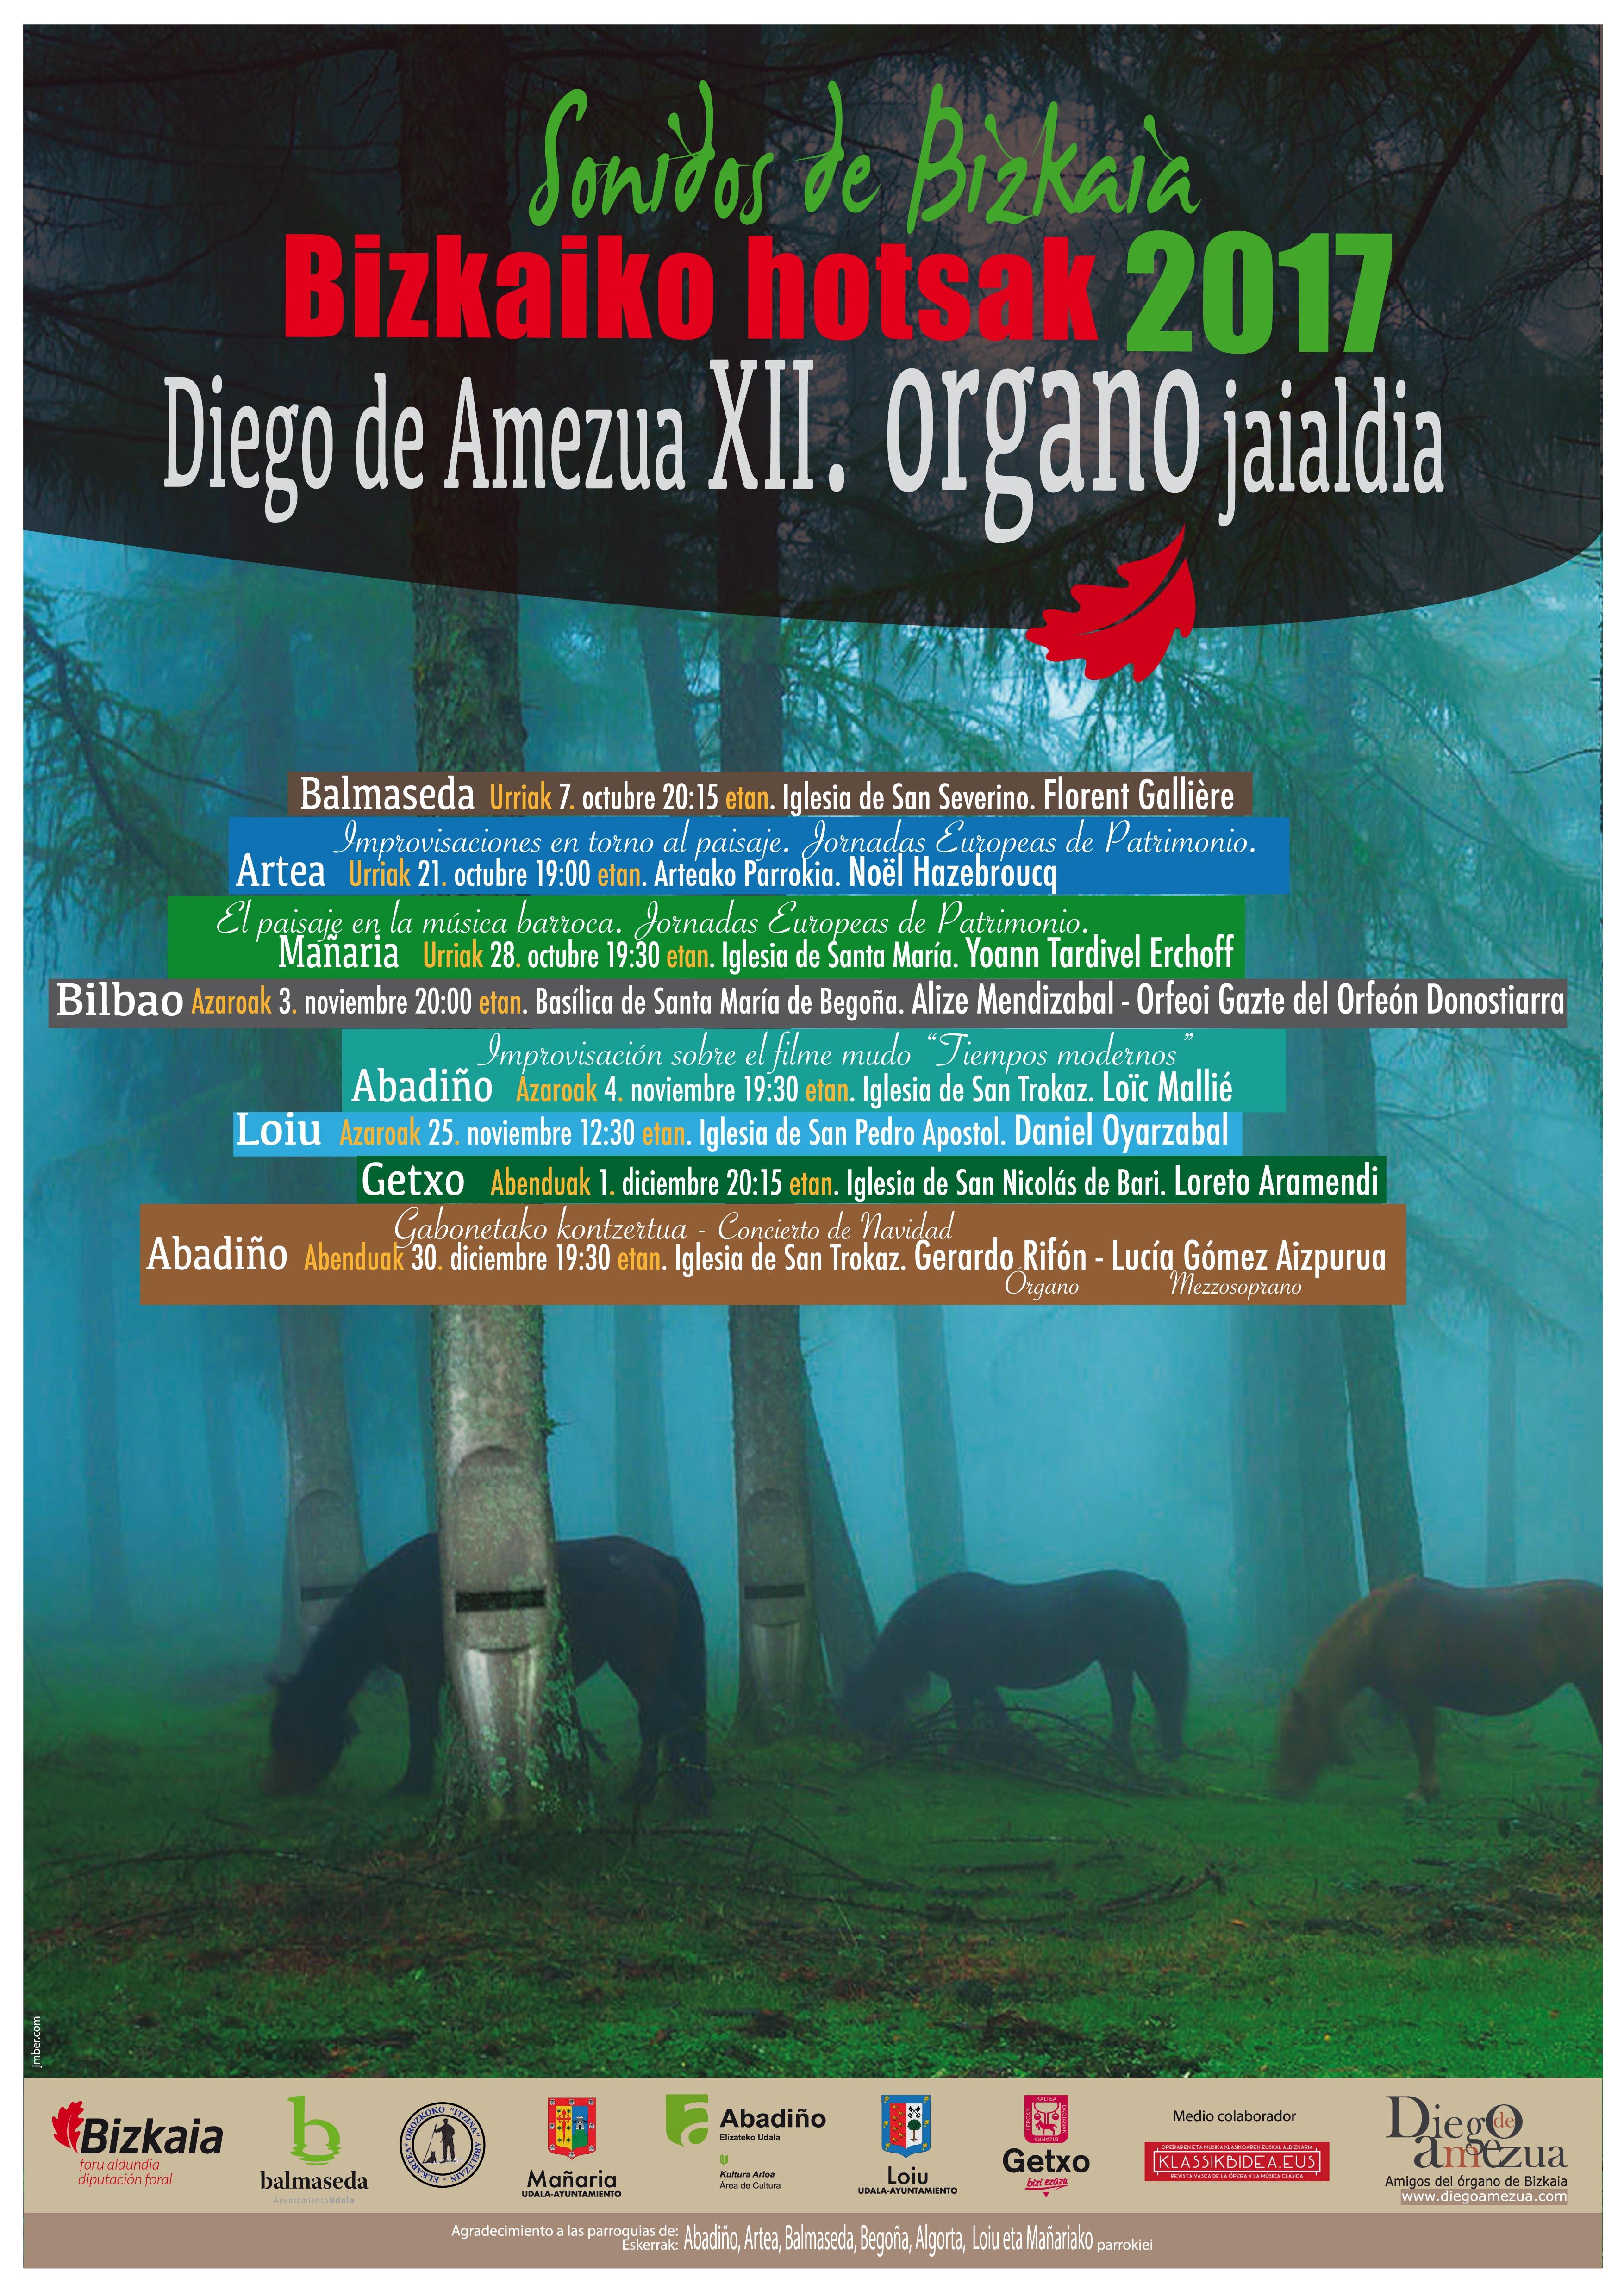 """Inicio del XII Festival de órgano de Bizkaia """"Bizkaiko hotsak 2017"""" con Florent Galière en Balmaseda"""